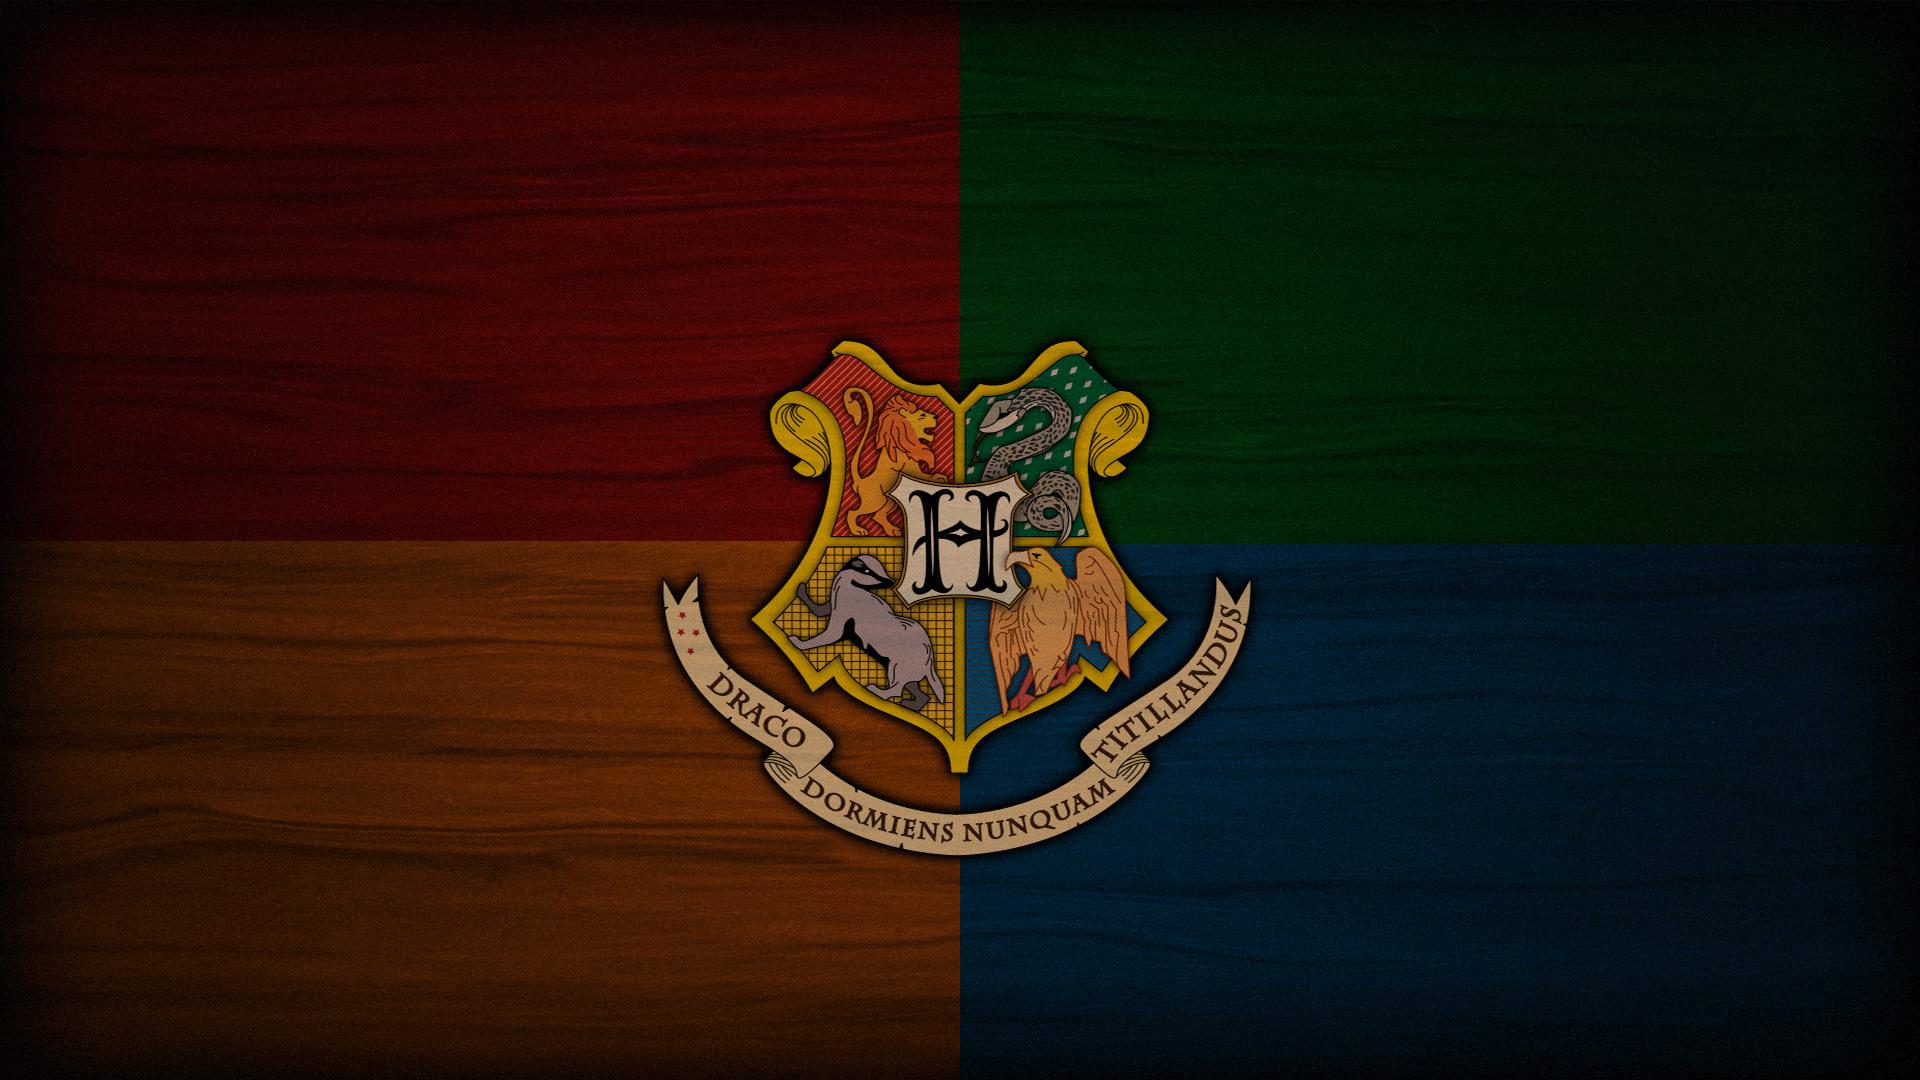 Hogwarts wallpaper I put together 1920x1080 harrypotter 1920x1080